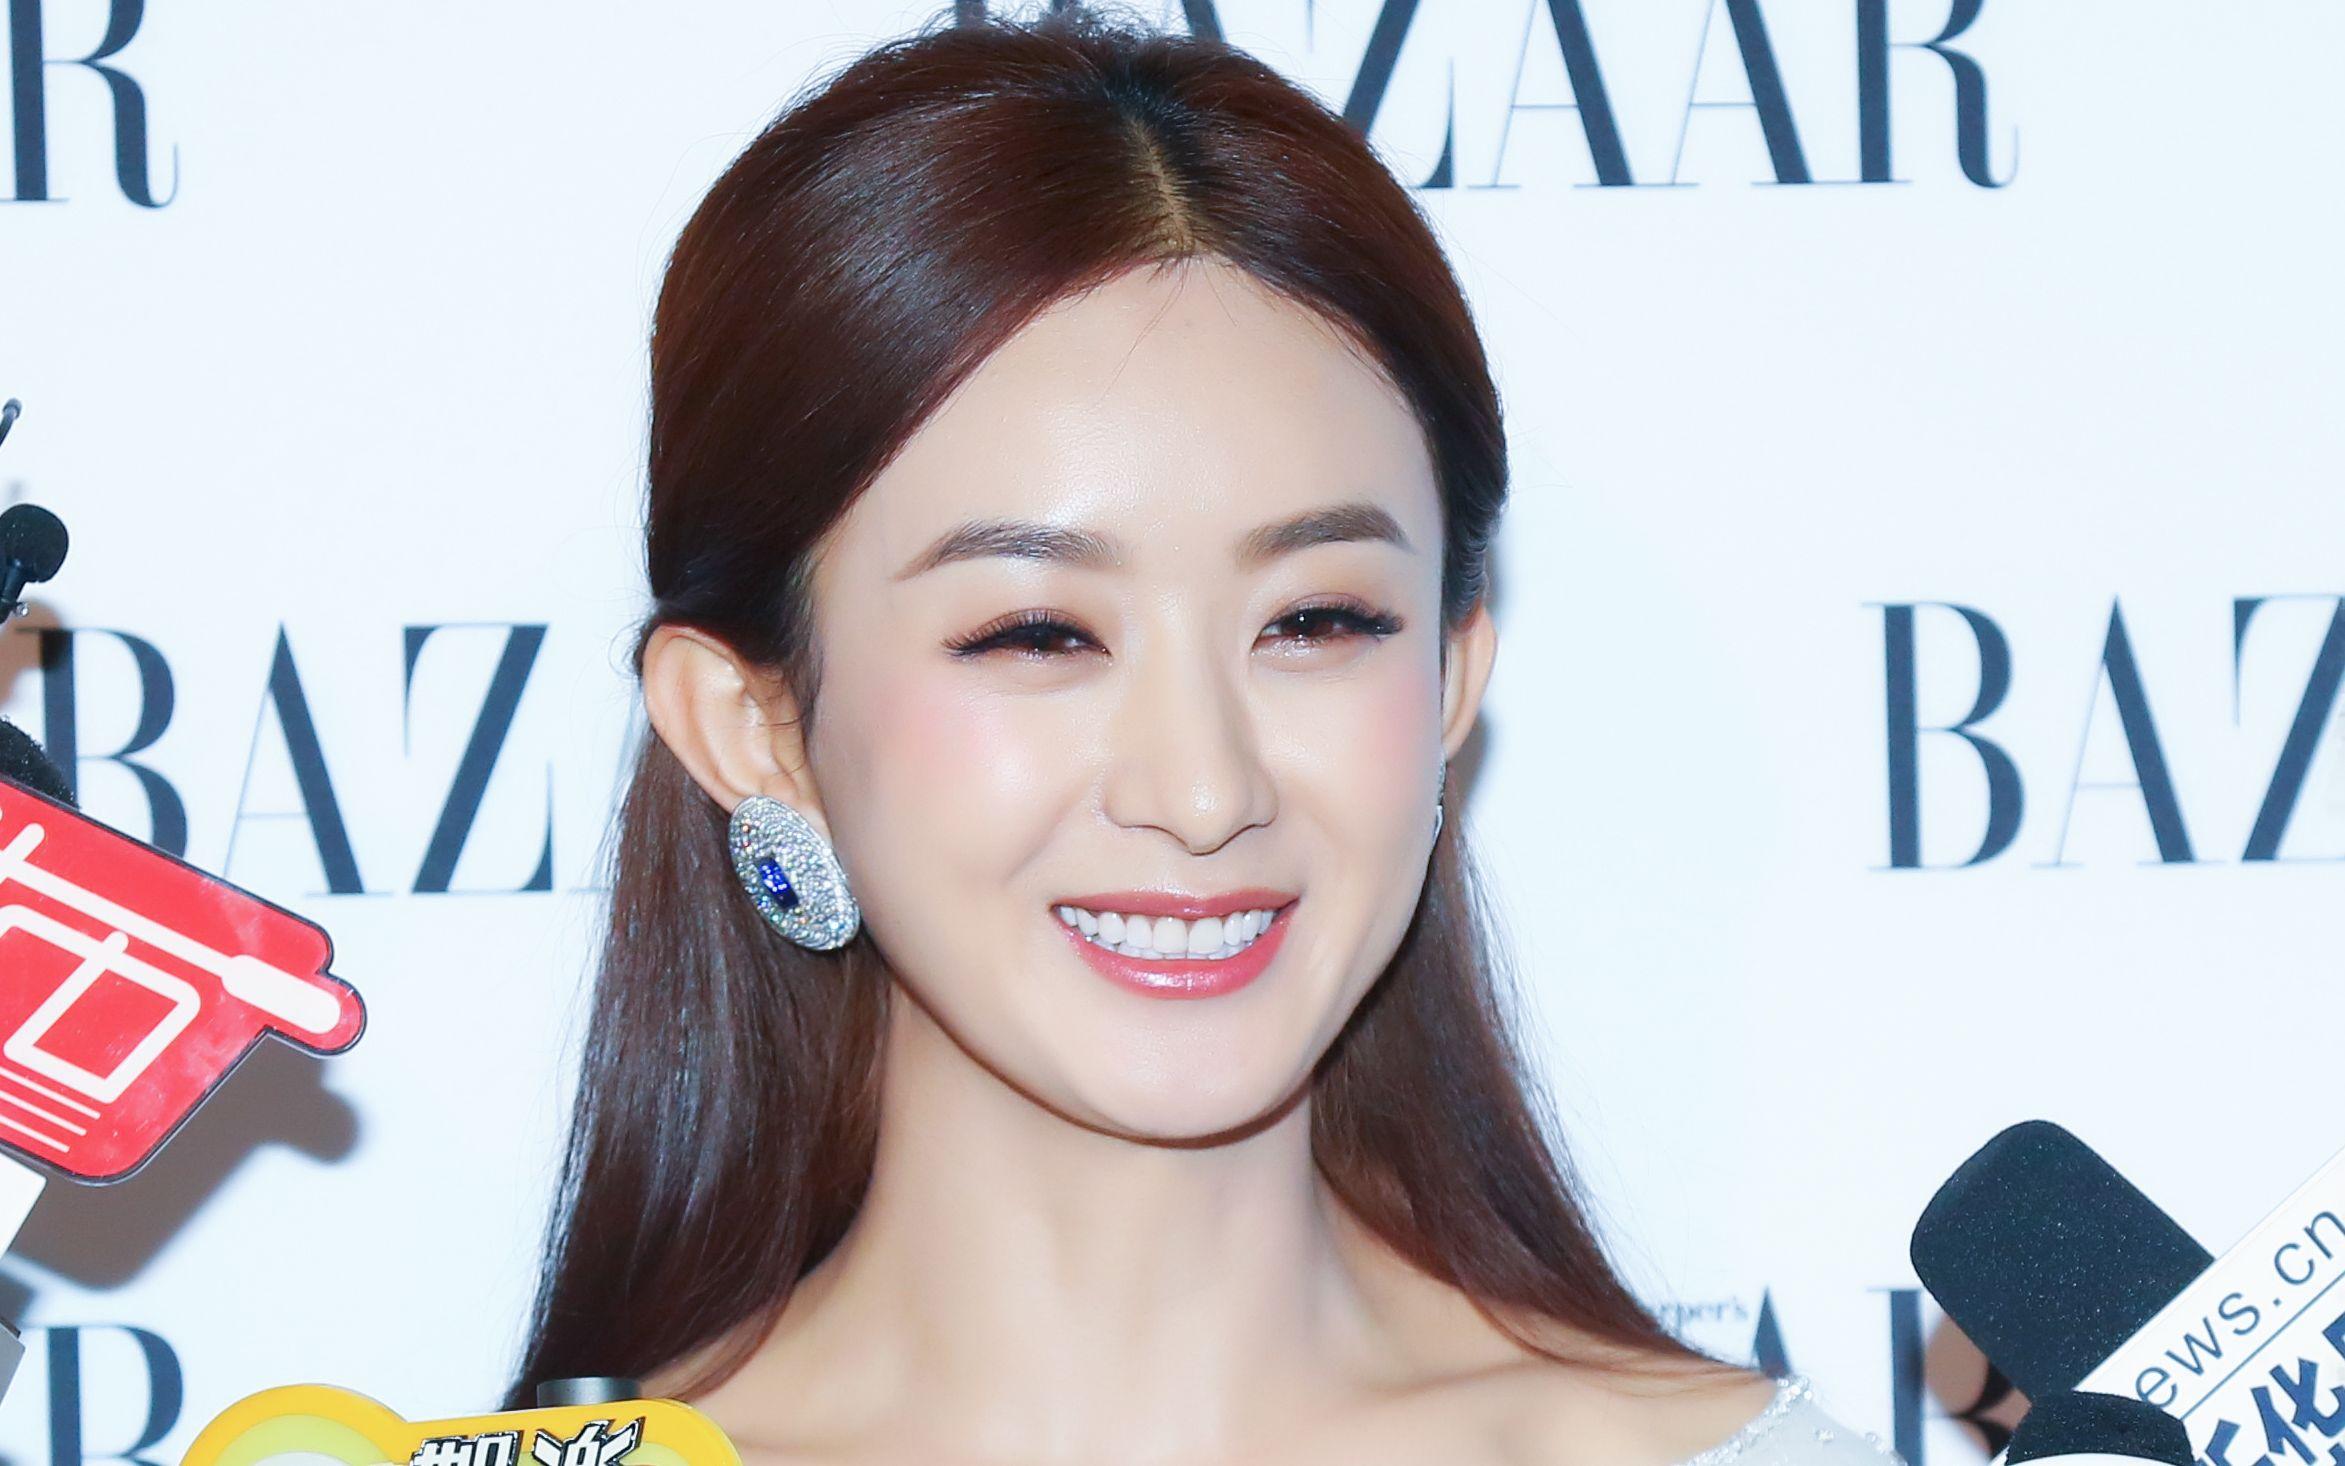 赵丽颖又双叒叕被曝怀孕结婚了!对象真的是冯绍峰吗?